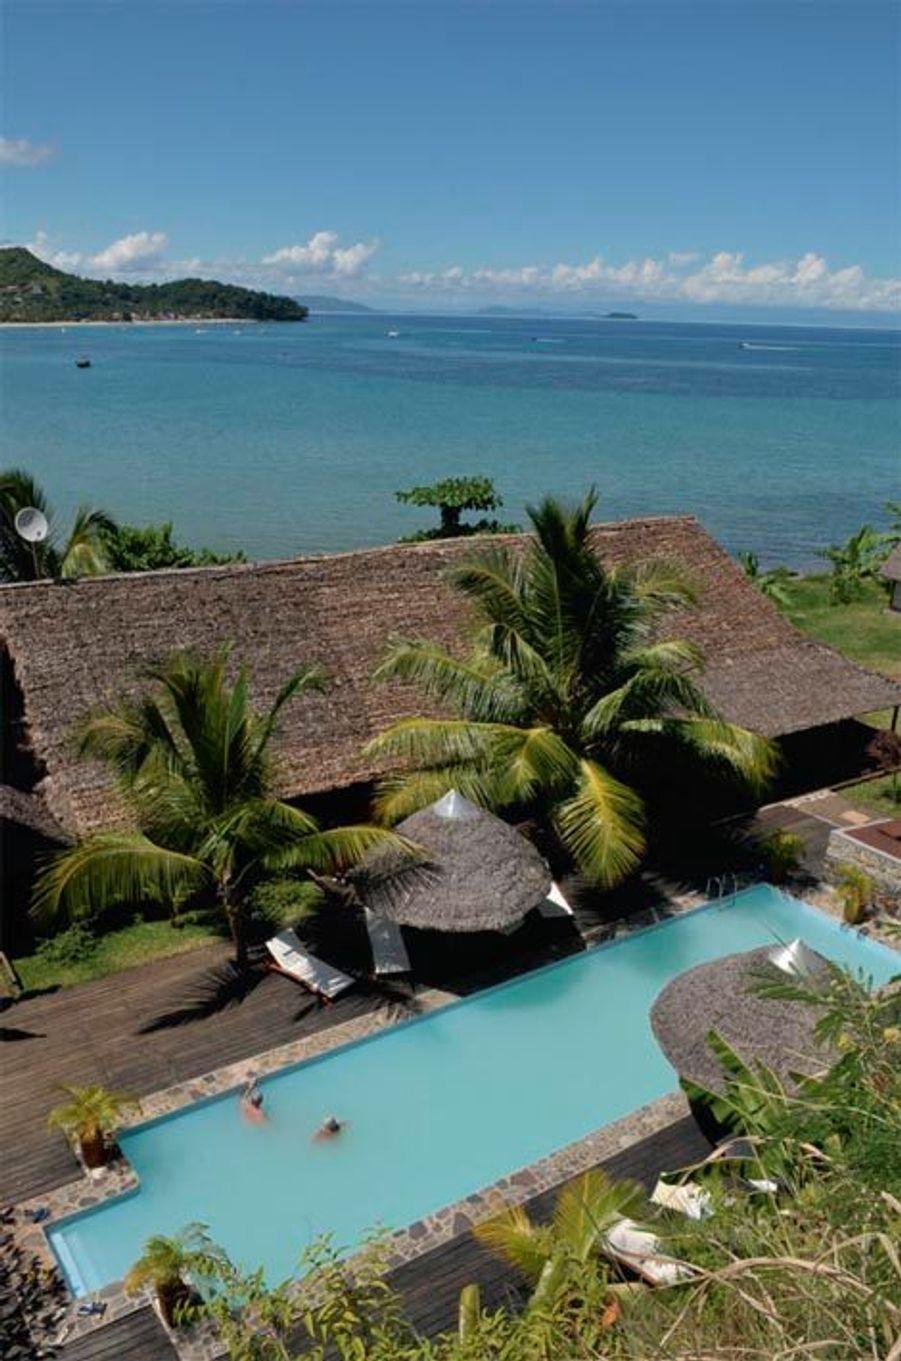 Les huit lodges et dix bungalows de l'Heure bleue ouvrent sur la plus belle baie de Nosy Be, île au nord-ouest de la Grande Ile. Une piscine d'eau de mer, une autre d'eau douce… Ici, la propriétaire française, designer et engagée, prône l'intégration et le soutien à la population, le luxe cool. Ce qui a valu à l'hôtel d'être récemment primé aux African Hotel Awards et certifié du prestigieux Green Globe. A partir de 40 euros * en réservant chez Terre Malgache, grand spécialiste de la destination. Forfait depuis Paris : 1 950 euros (vols, transferts, 7 nuits en demi-pension). Terre-malgache.com.